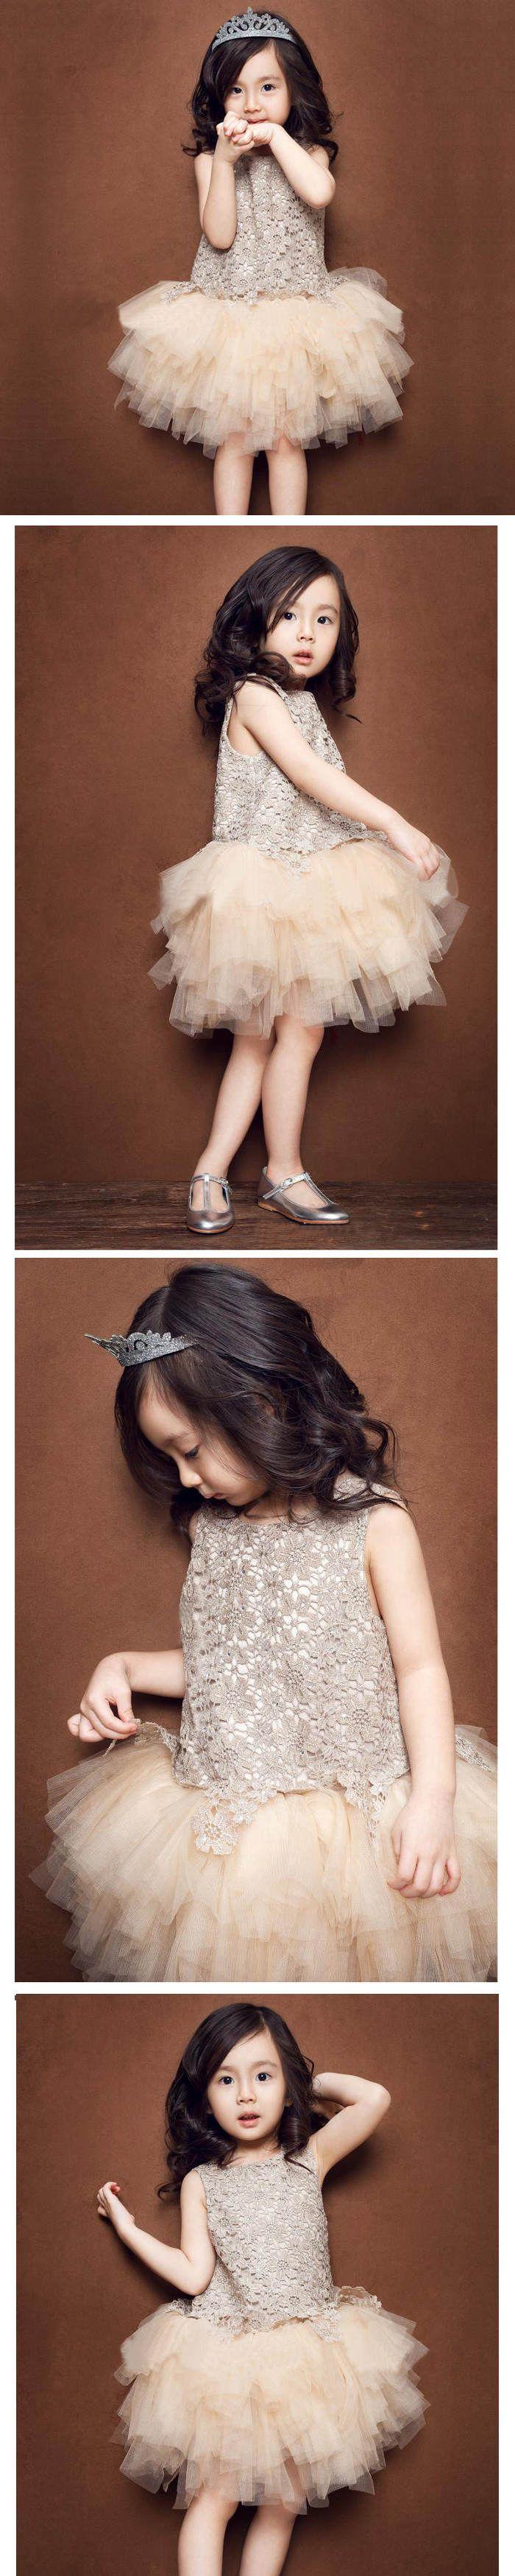 子供服 おしゃれ 韓国 フォーマル 安い 発表会 可愛い 結婚式 通 :GF43:LRキッズパーティー - 通販 - Yahoo!ショッピング